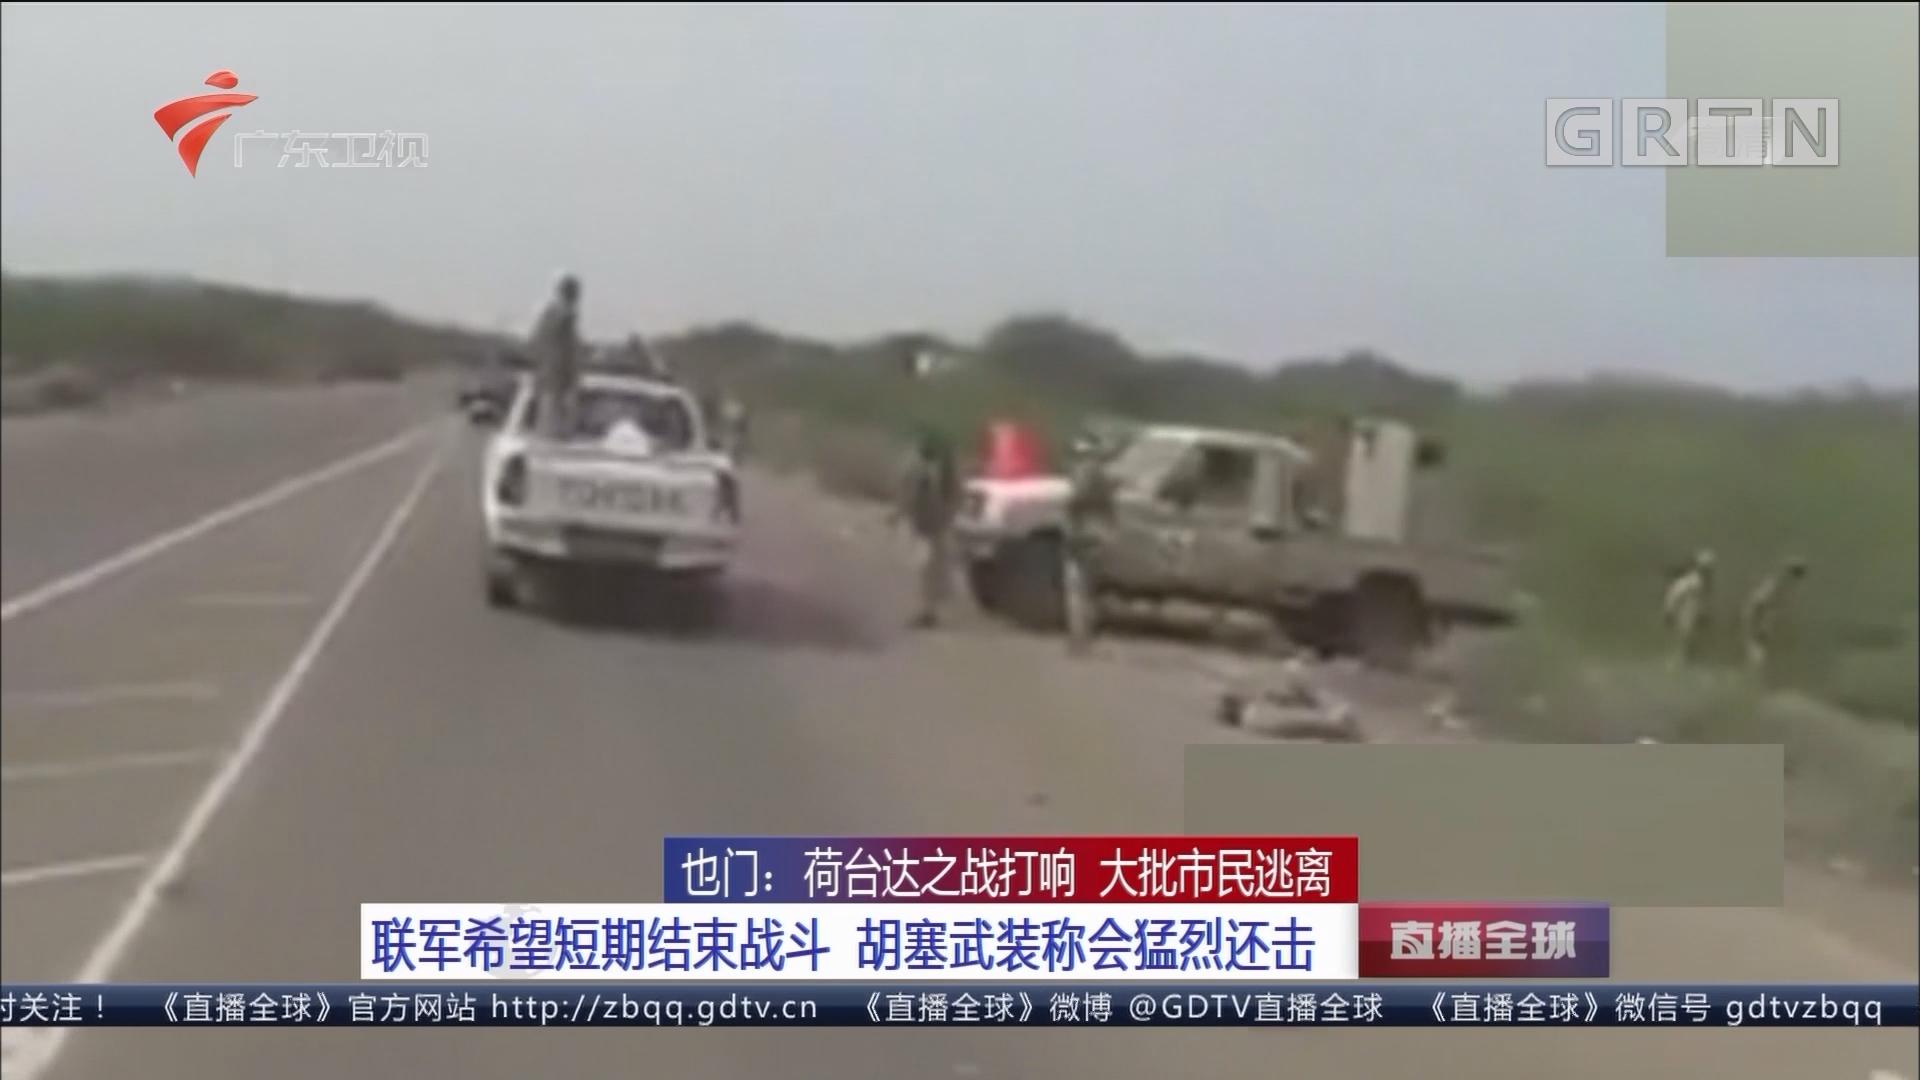 也门:荷台达之战打响 大批市民逃离 联军希望短期结束战斗 胡塞武装称会猛烈还击